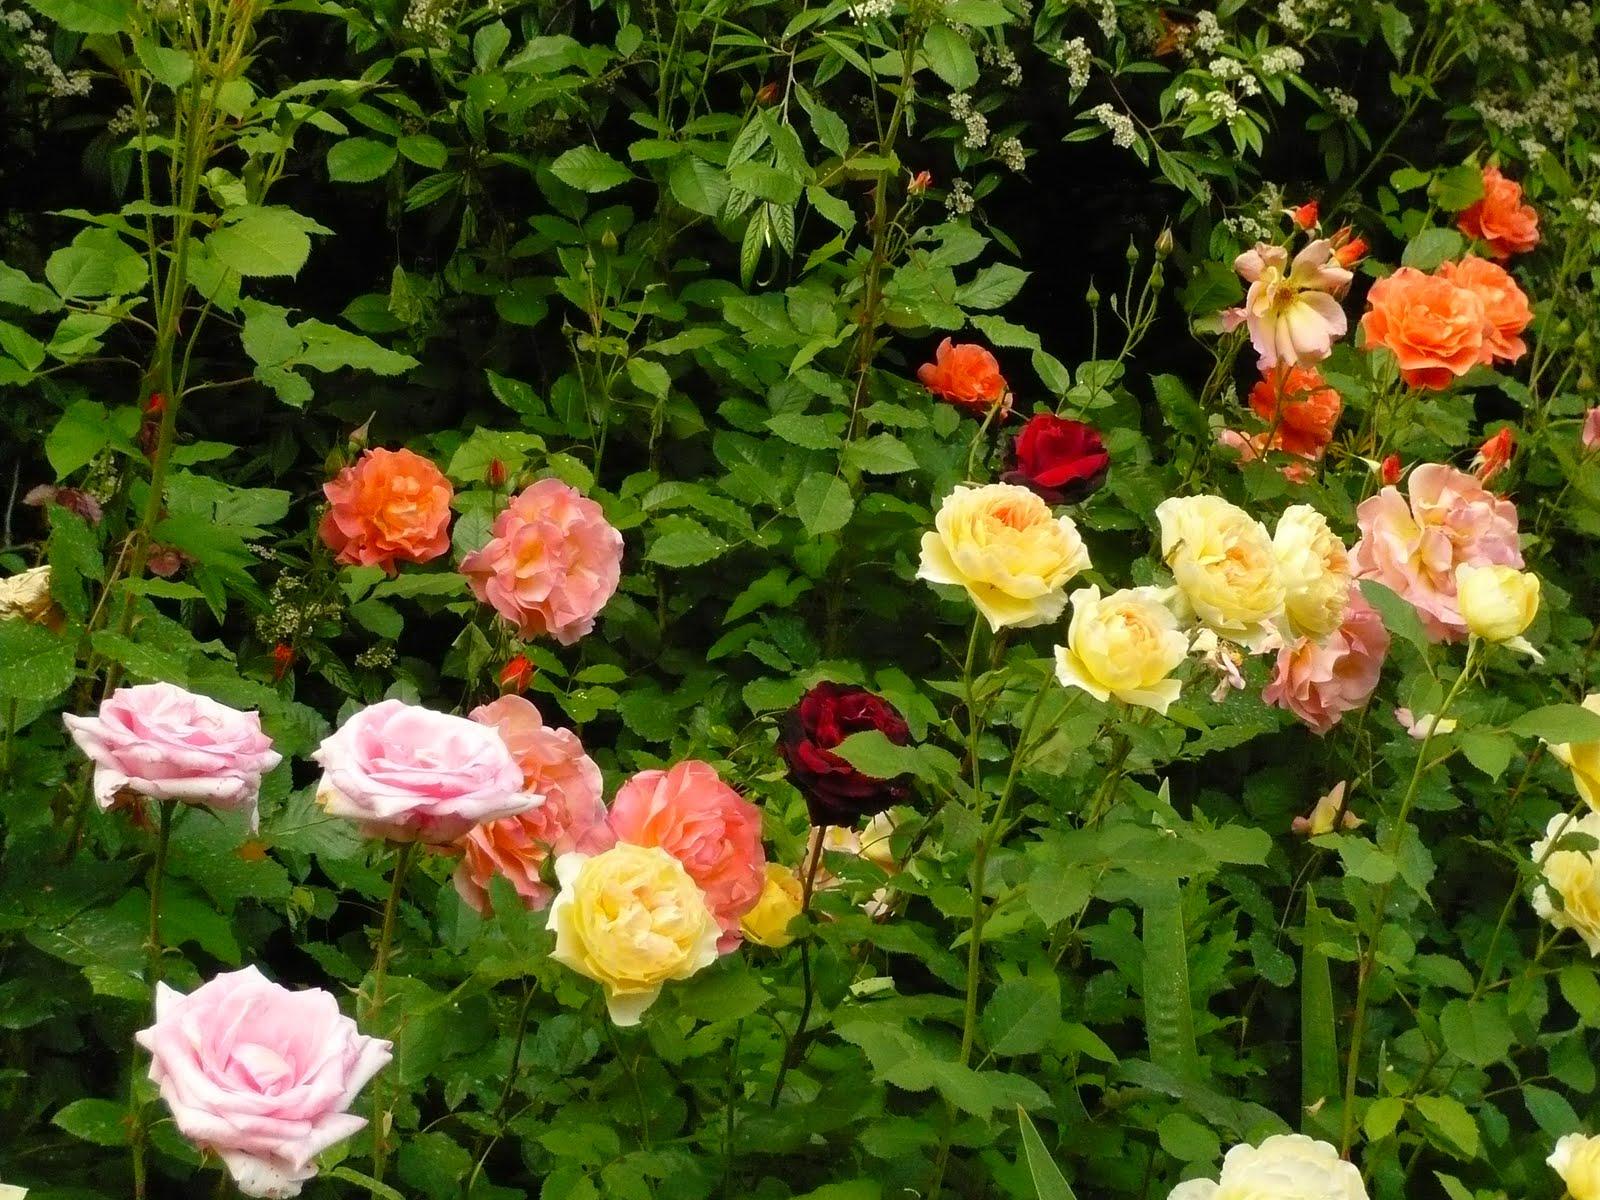 jardines de rosas imagui